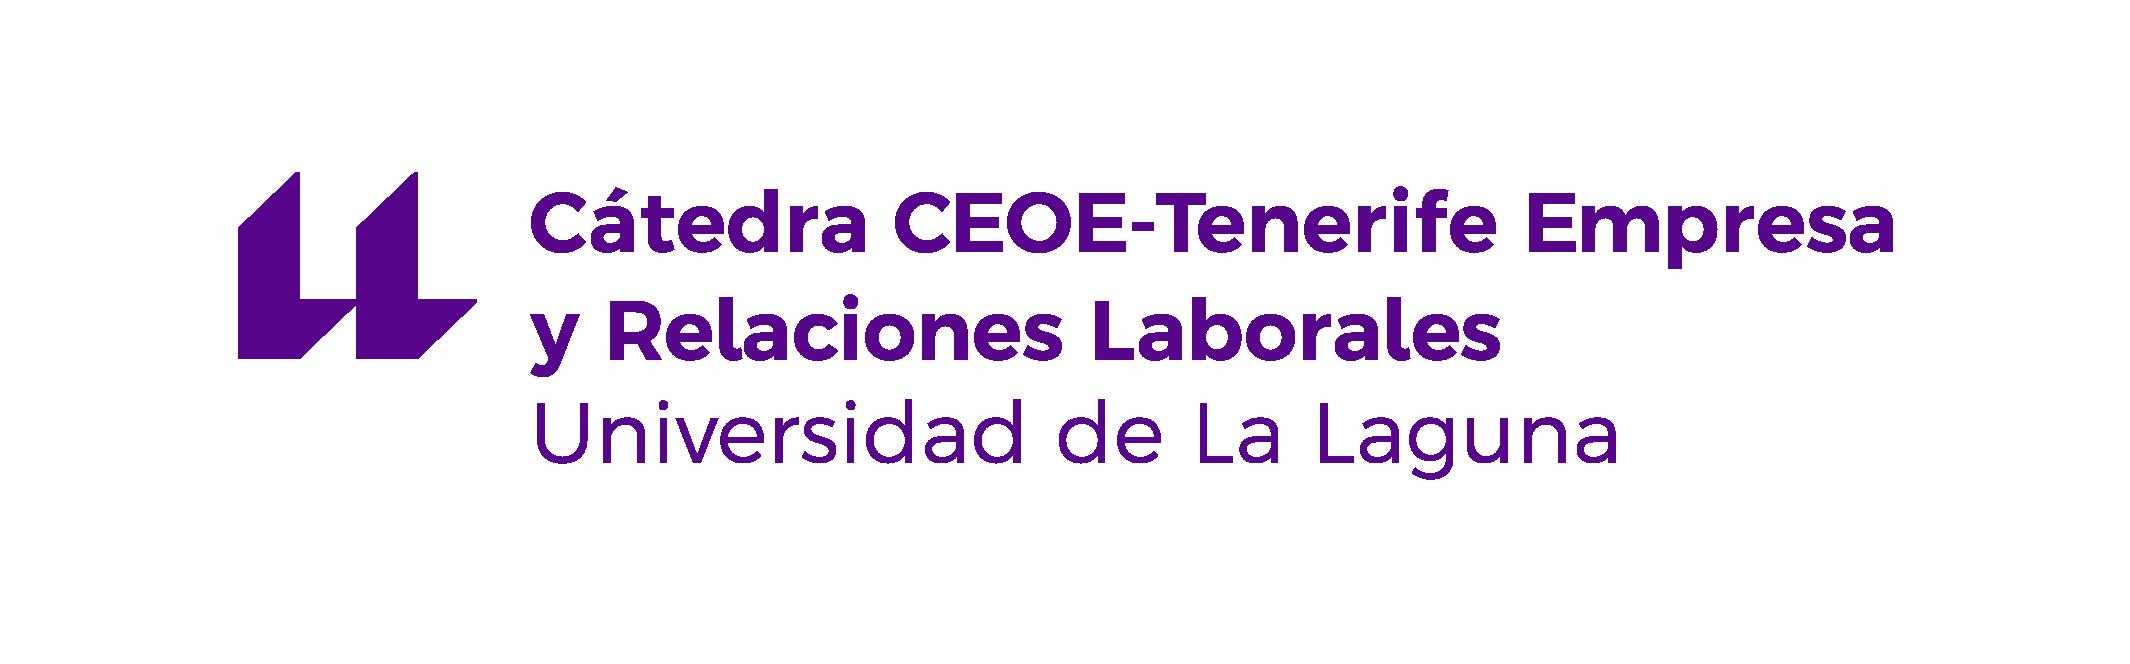 catedra-CEOE-tenerife empresa y relaciones laborales-01